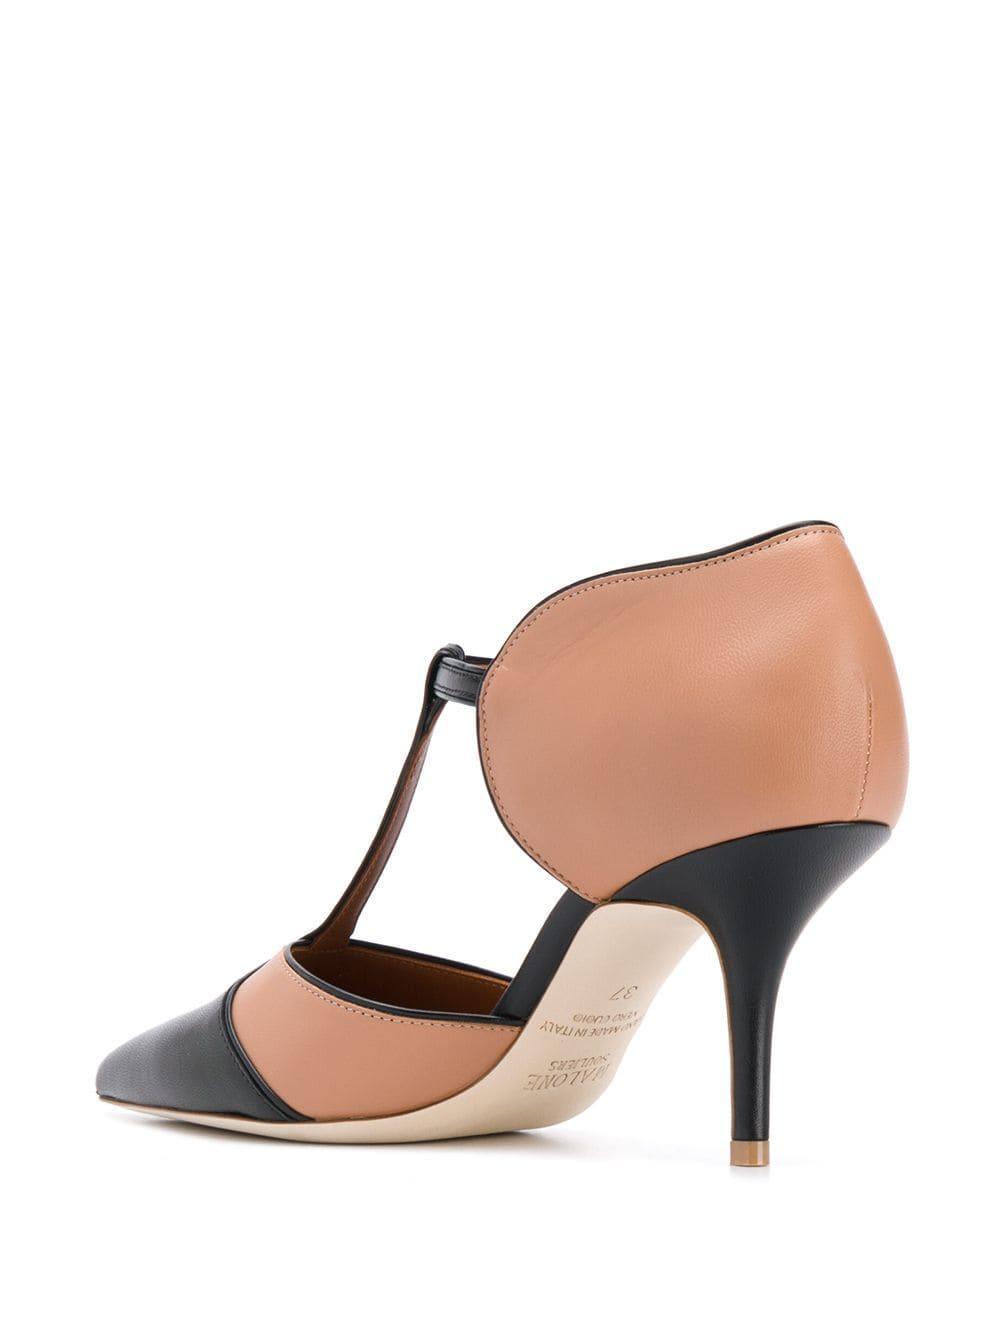 Zapatos de tacón Sadie Malone Souliers de Cuero de color Marrón